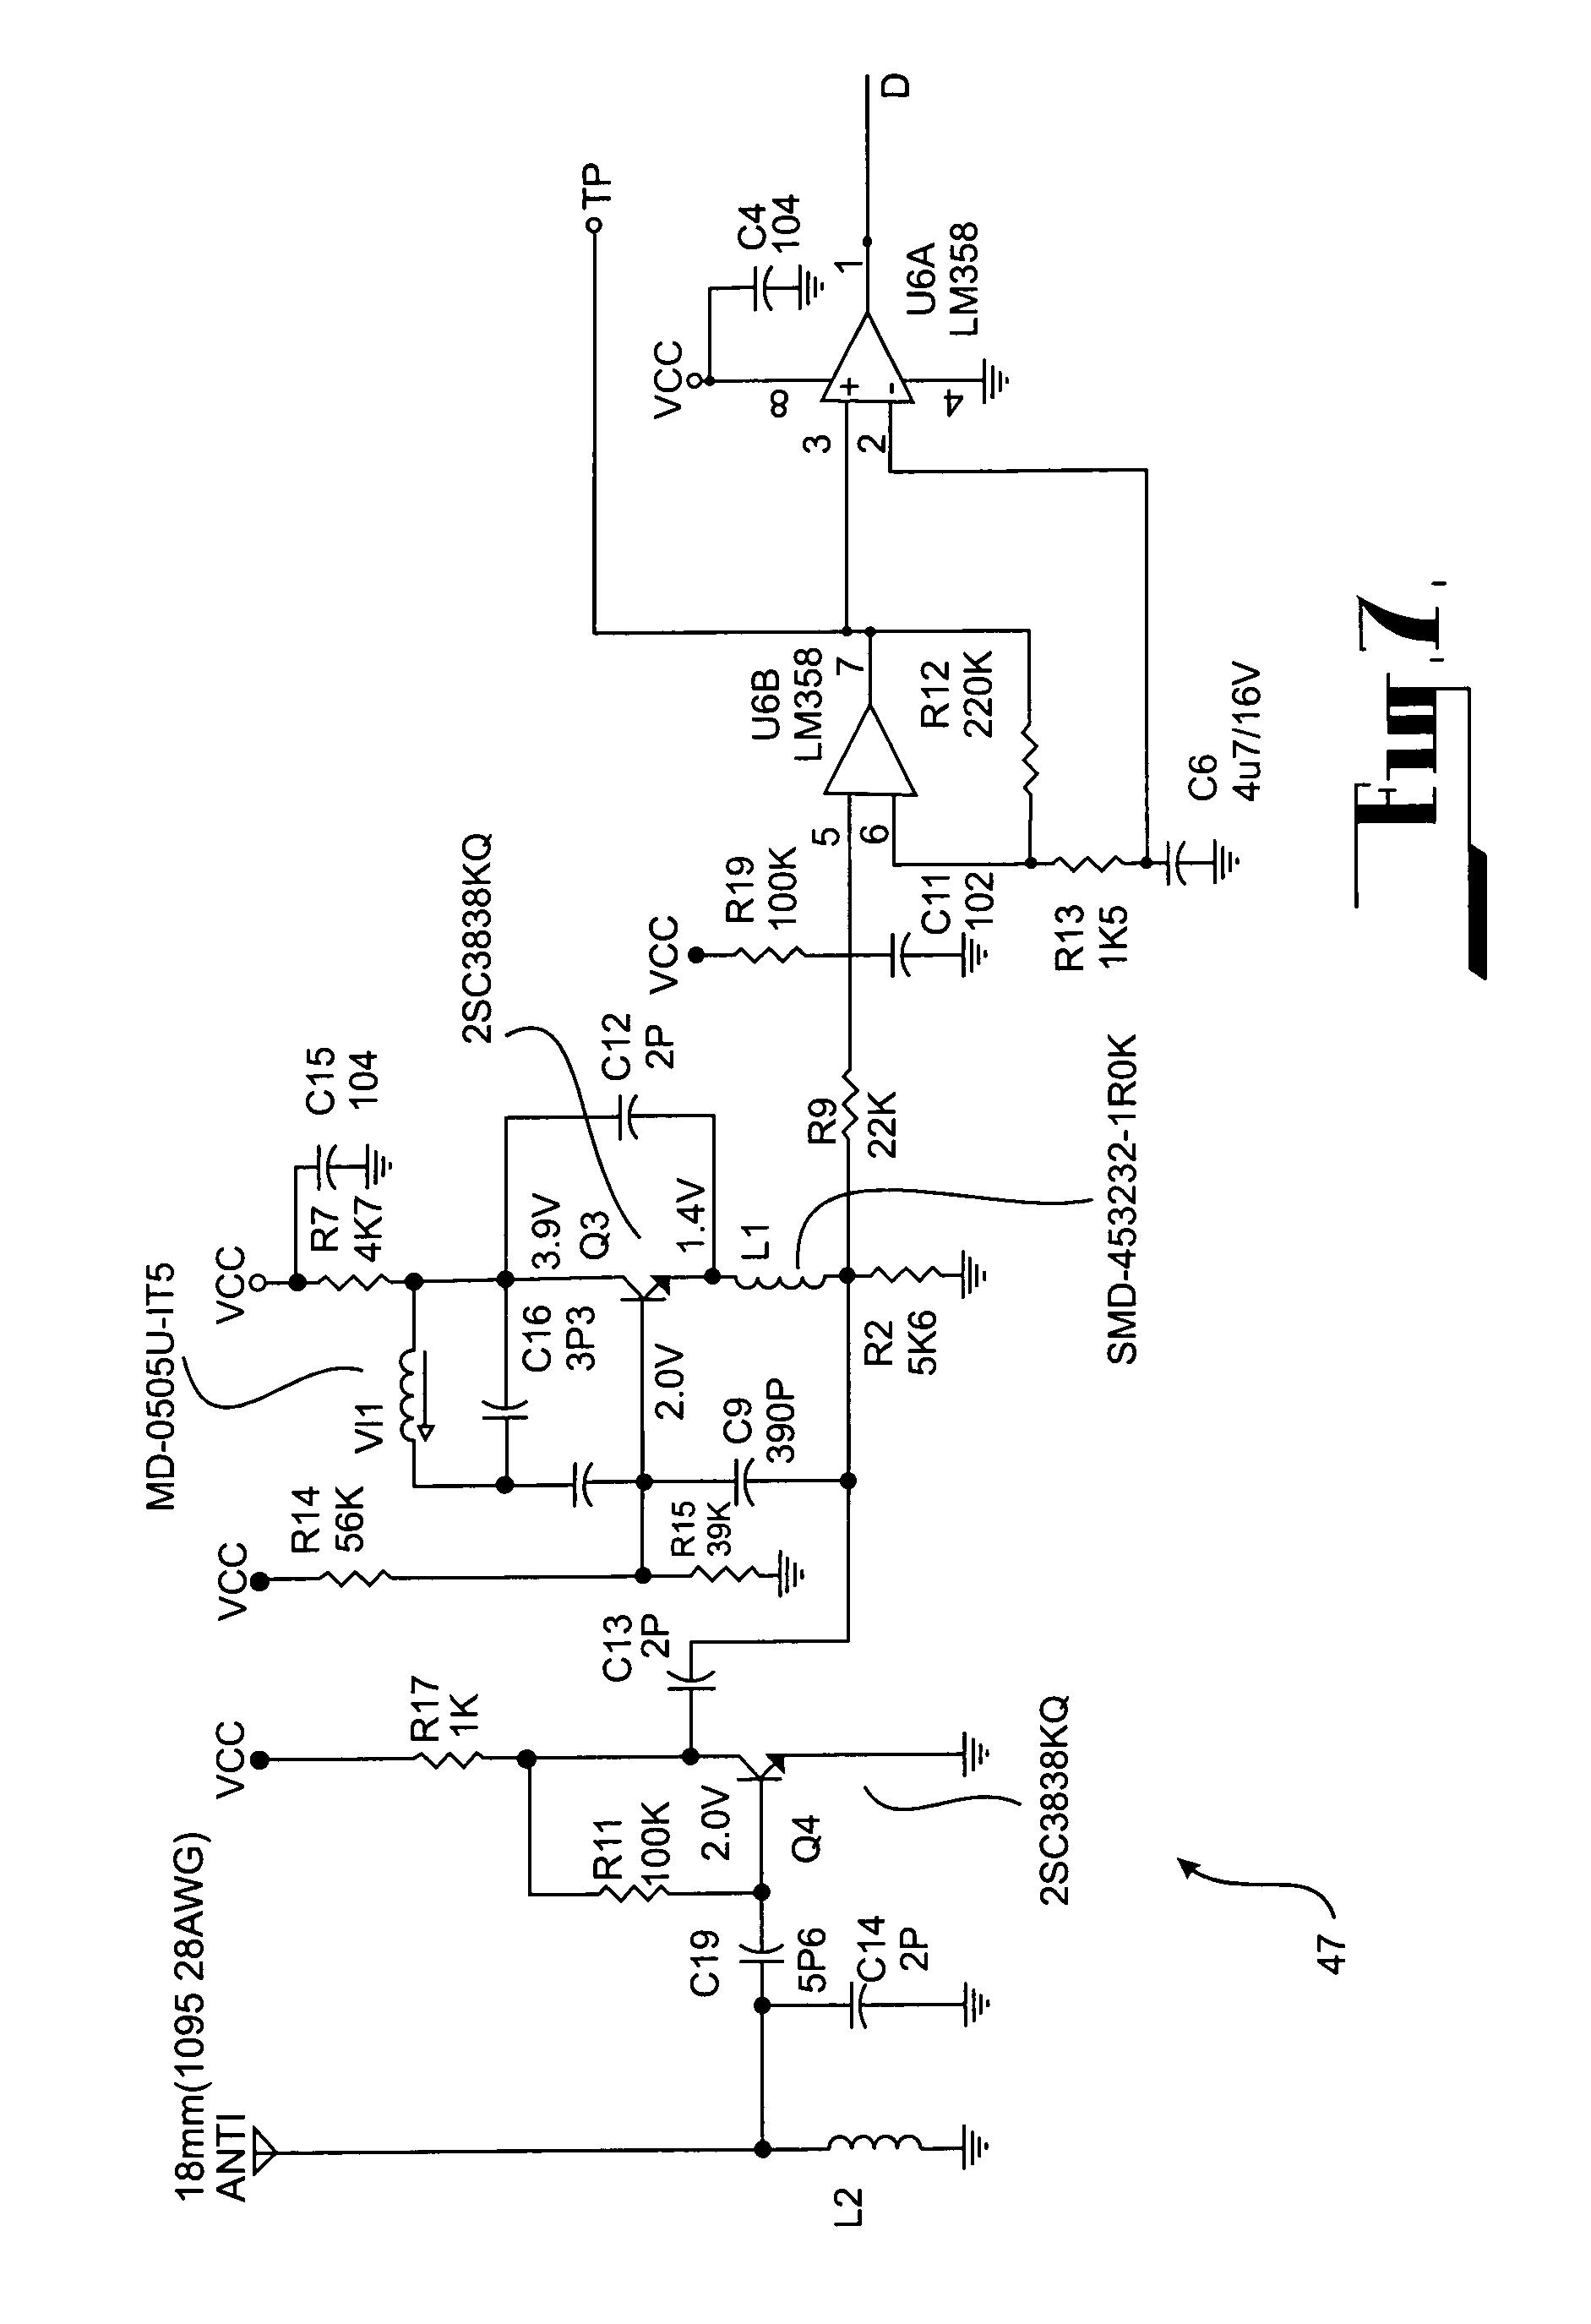 Dynamco Immobiliser Wiring Diagram